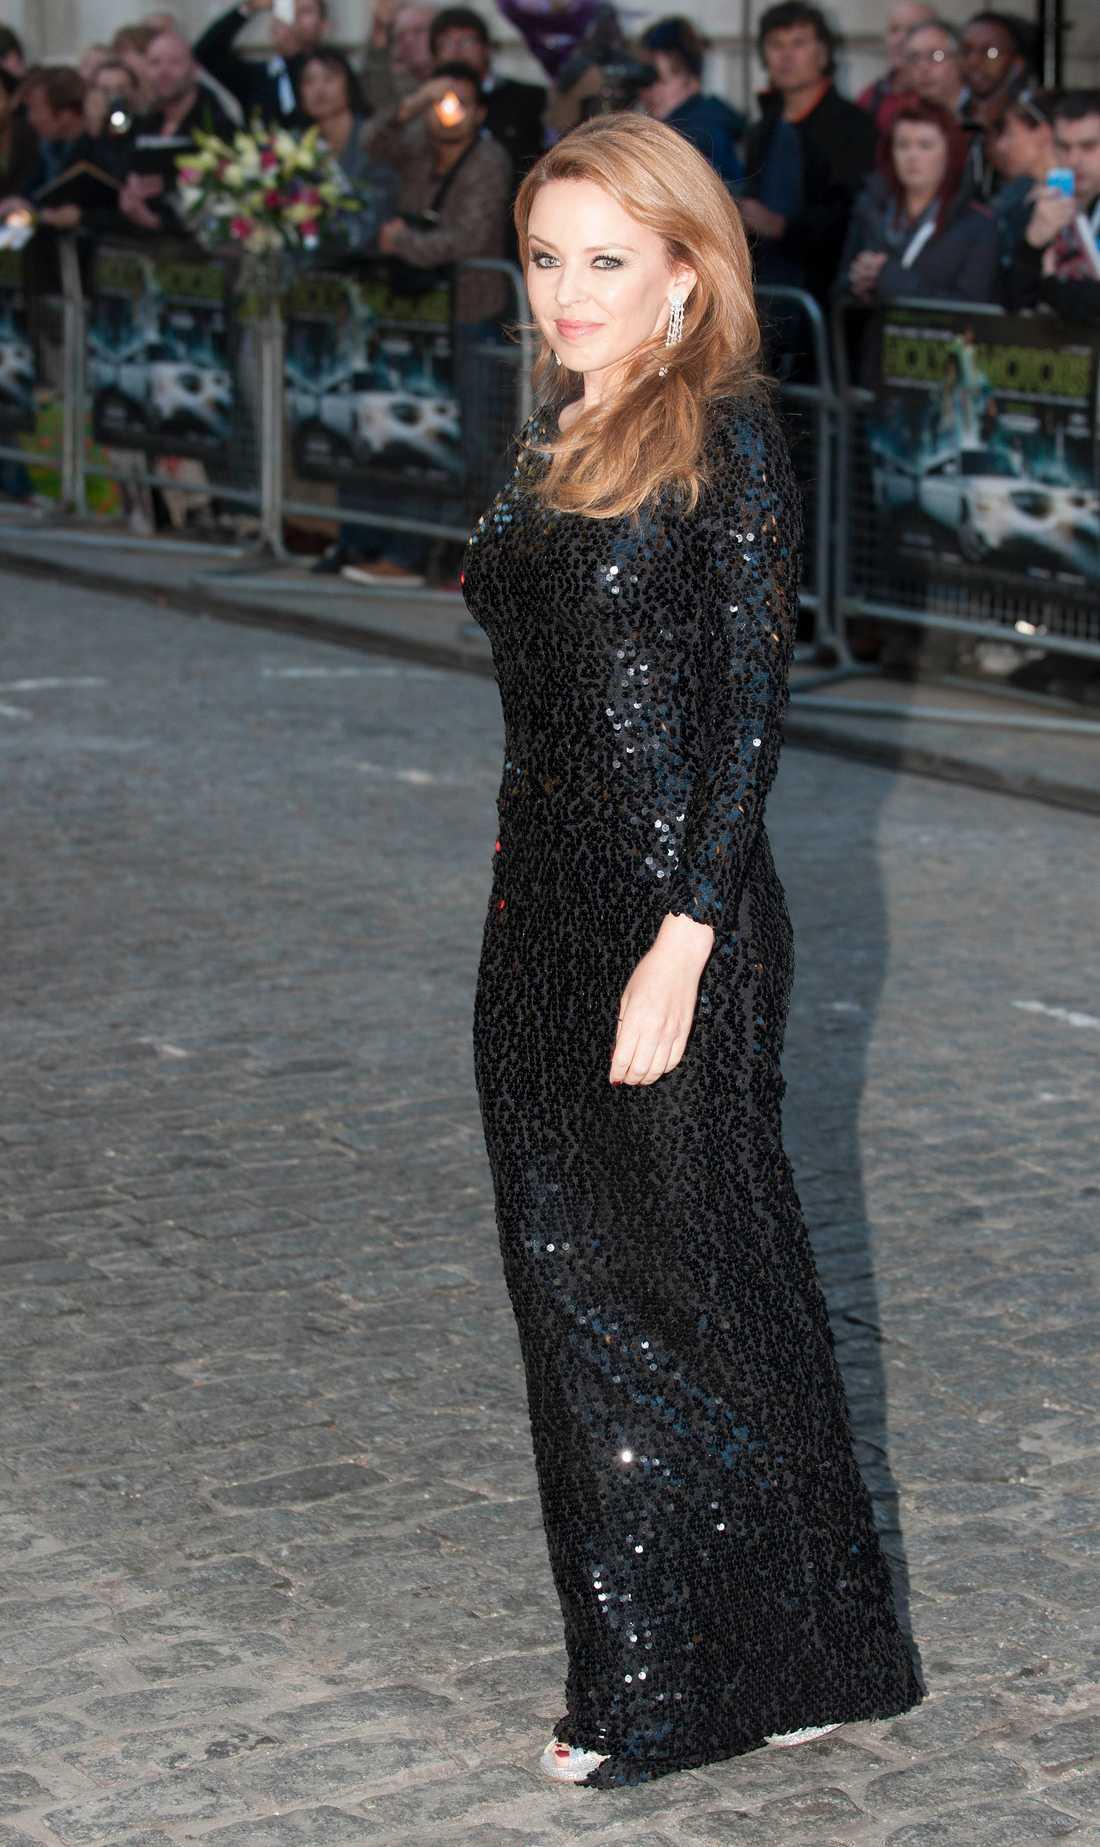 Popstjärnan Kylie Minogue glänste i sin blanka galaklänning.